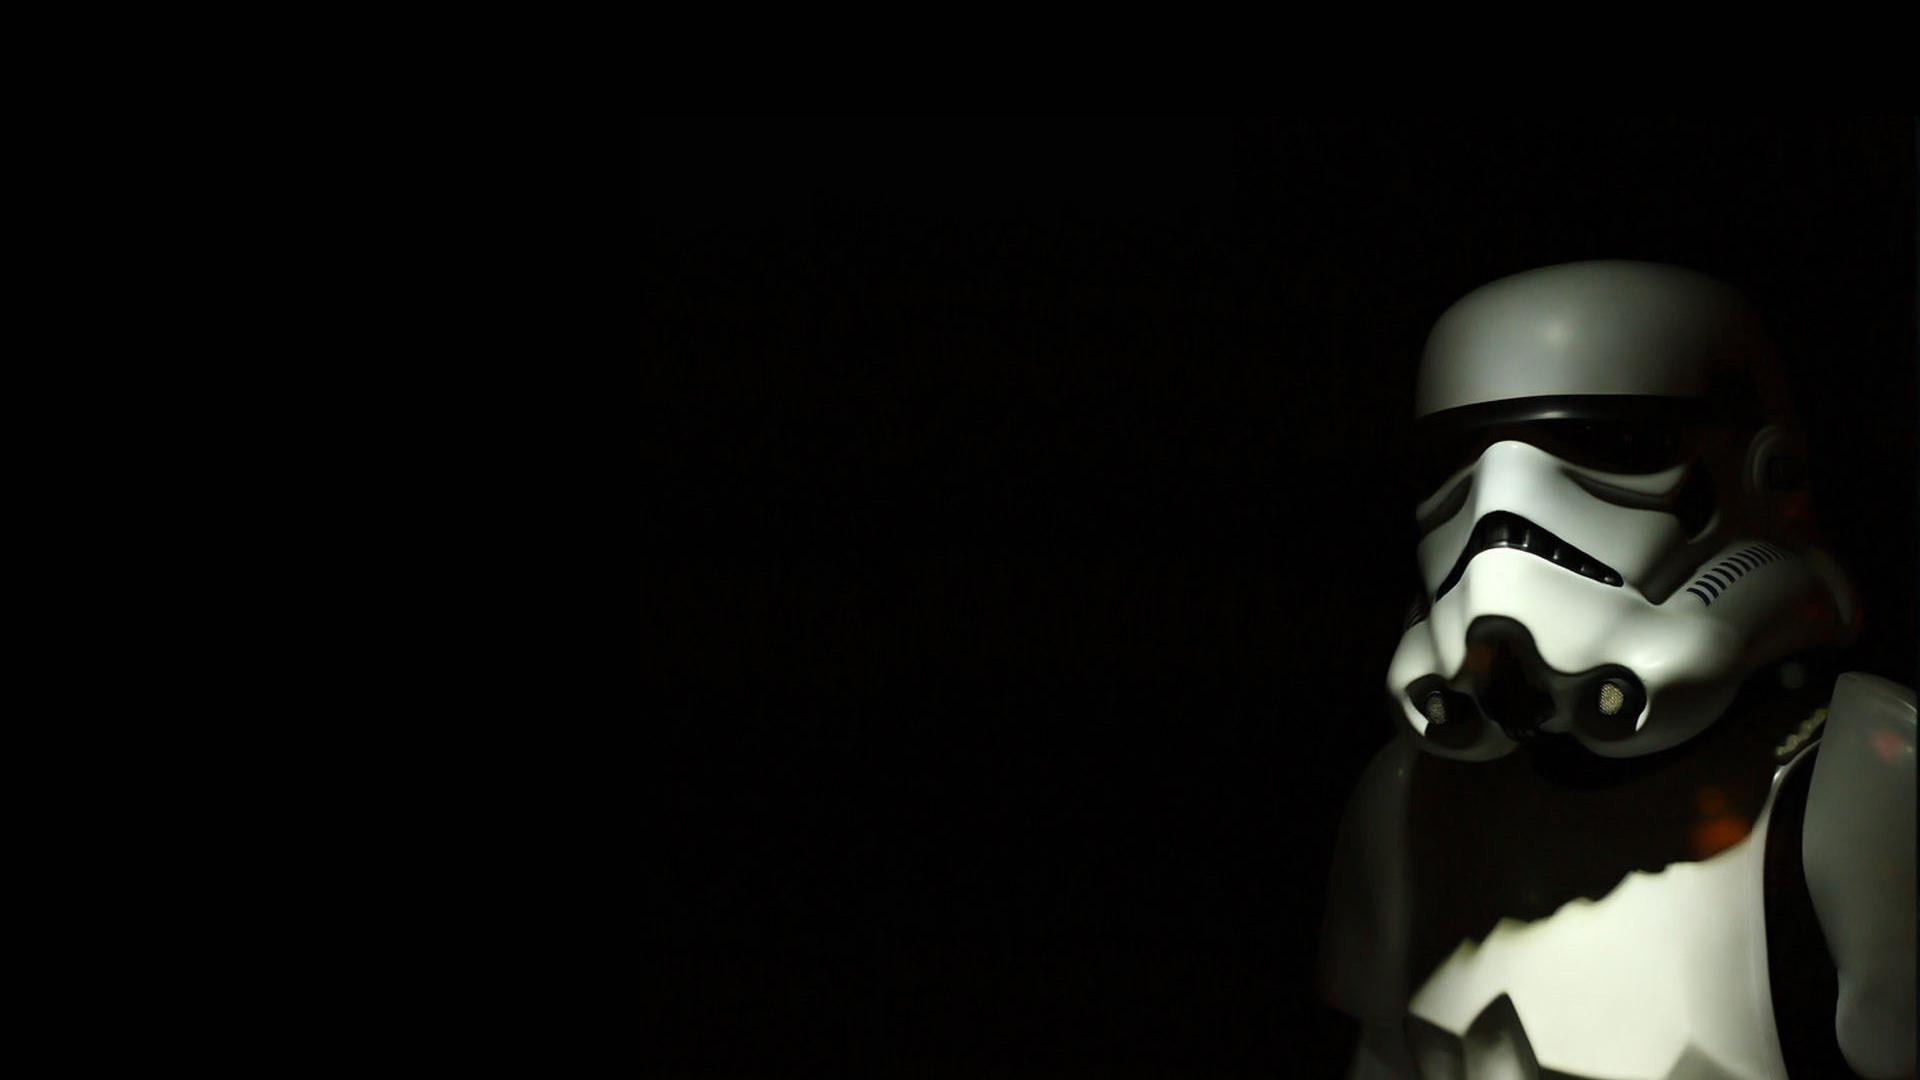 1920x1080 Star Wars, Black Background, Stormtrooper, Star Wars